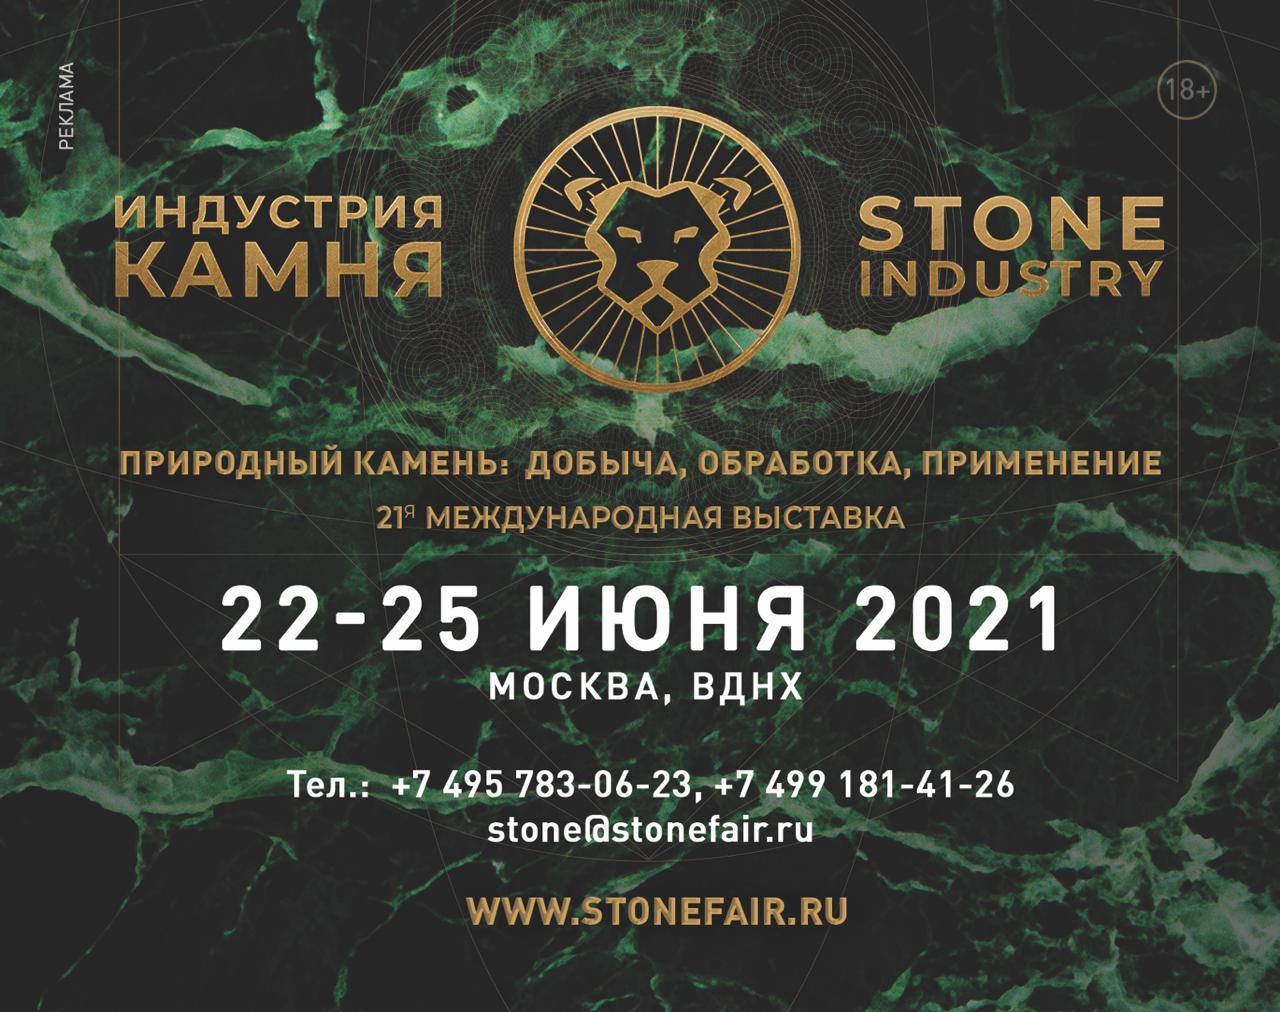 Выставка Индустрия камня переносится